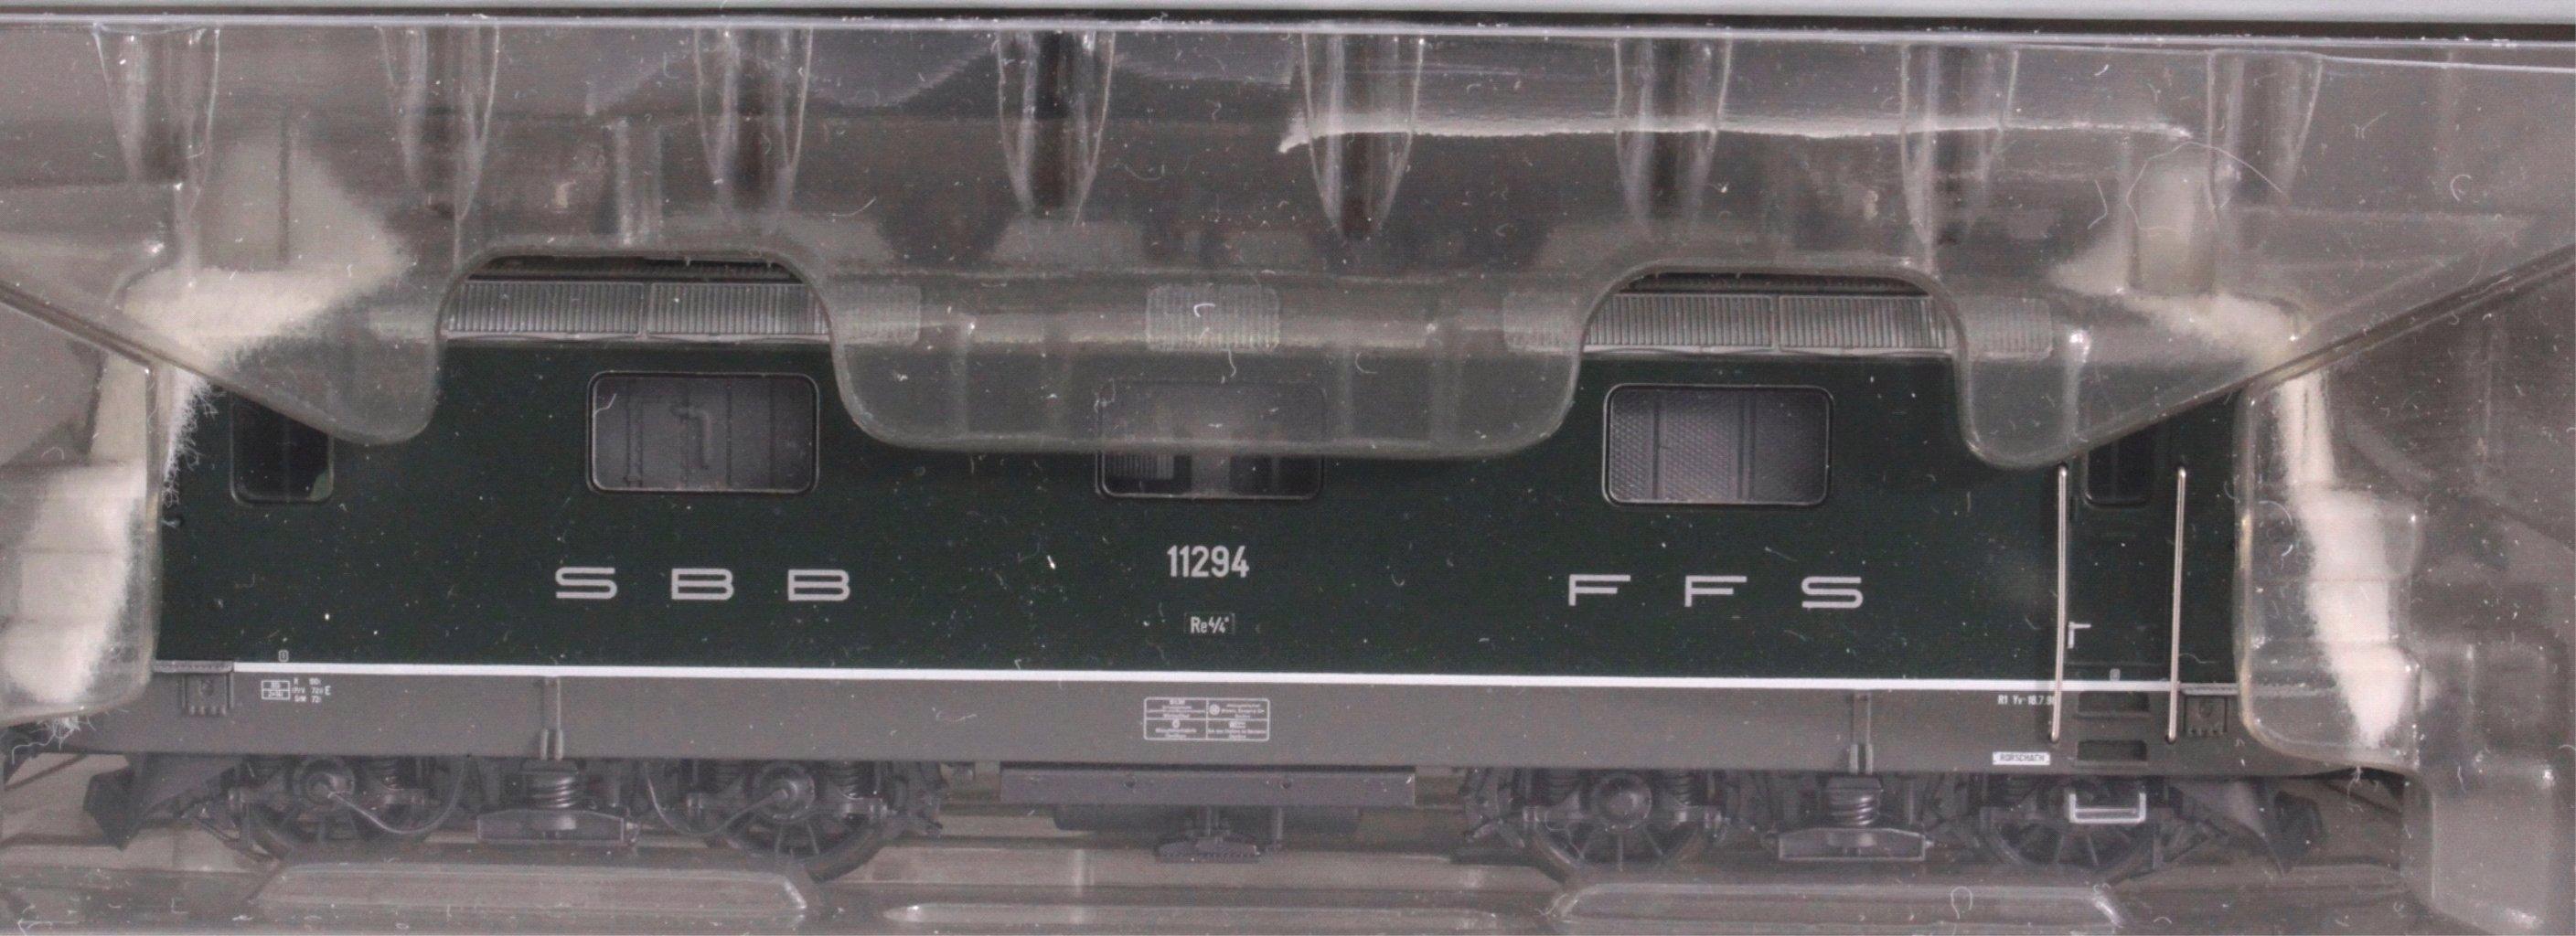 Märklin HO 37341 E-Lok Serie Re 4/4 der SBB 11294 Digital